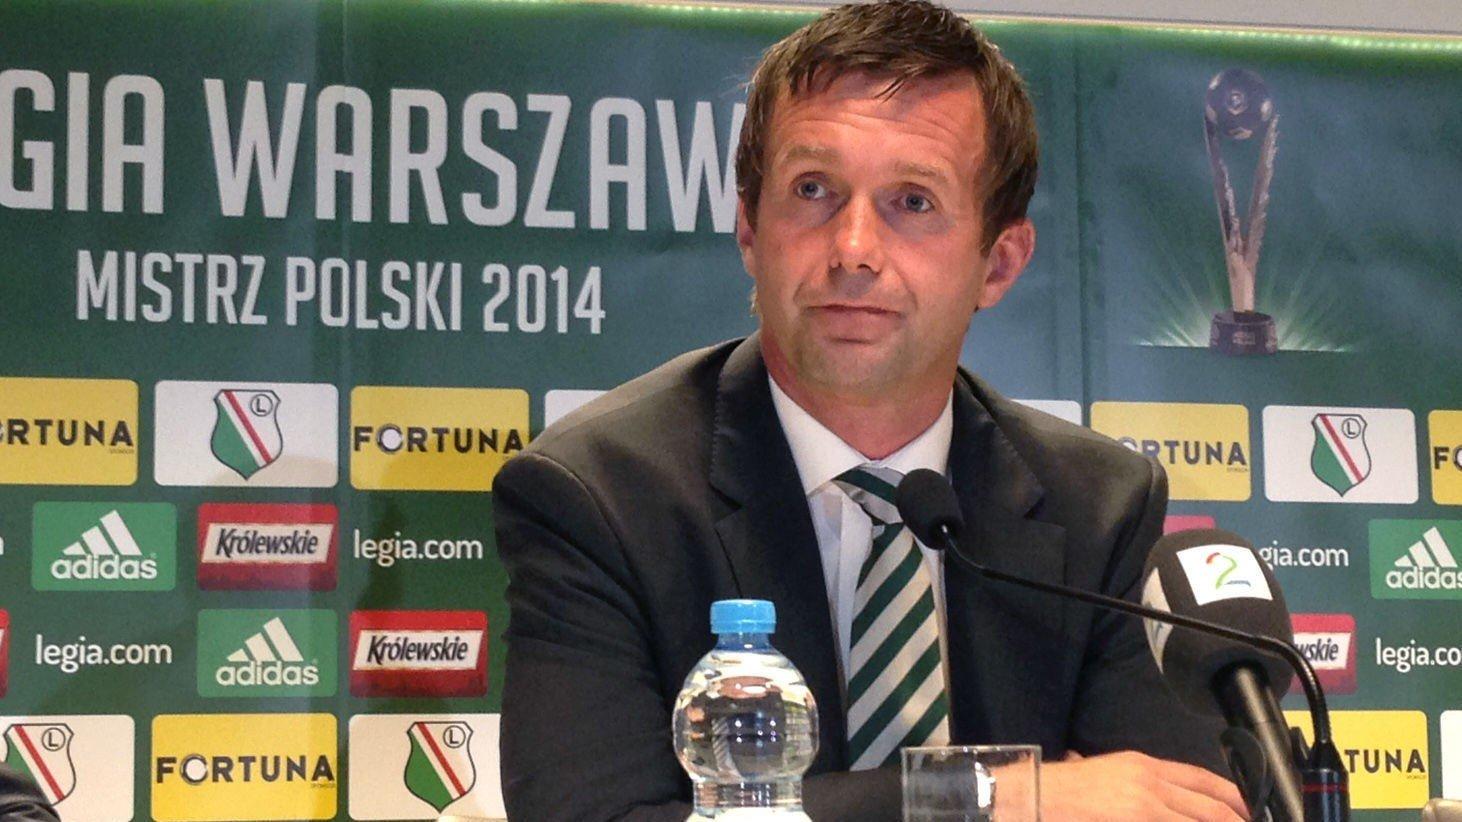 Ronny Deila så helt fortumlet ut på pressekonferansen etter storsmellen mot Legia Warszawa. Han går mot beinharde dager. Celtic tapte 4 - 1 mot Legiaa Warszawa og Henning Berg onsdag kveld.